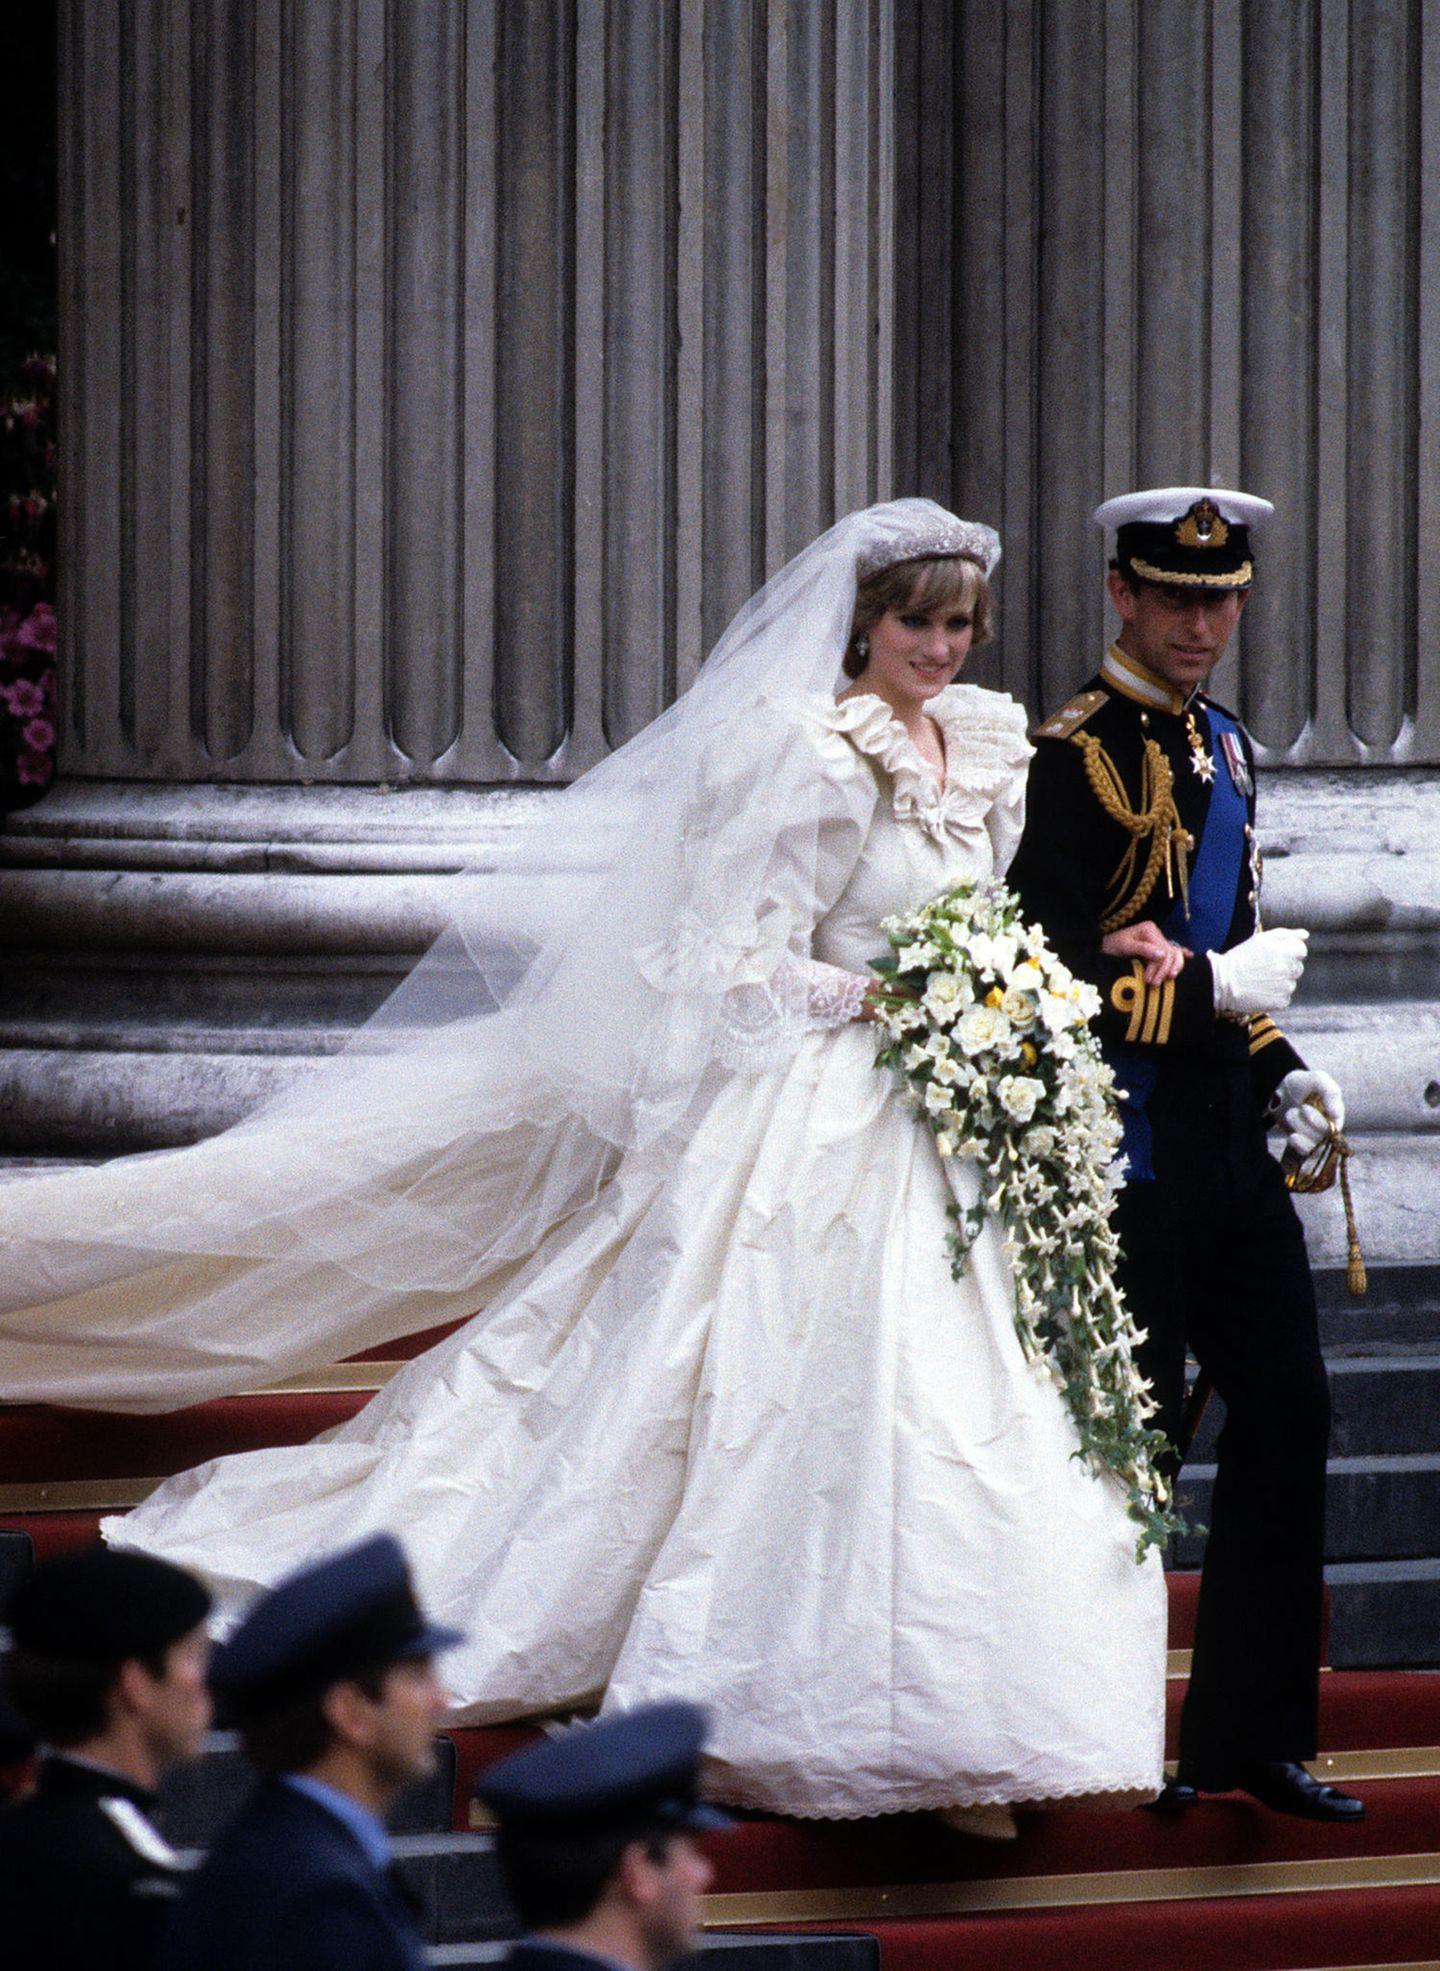 Heute vor genau 40 Jahren haben Lady Diana und Prinz Charles geheiratet. Ihr aufwendiges Hochzeitskleid im 80er-Jahre-Stilbleibt vielen bis heute in Erinnerung.